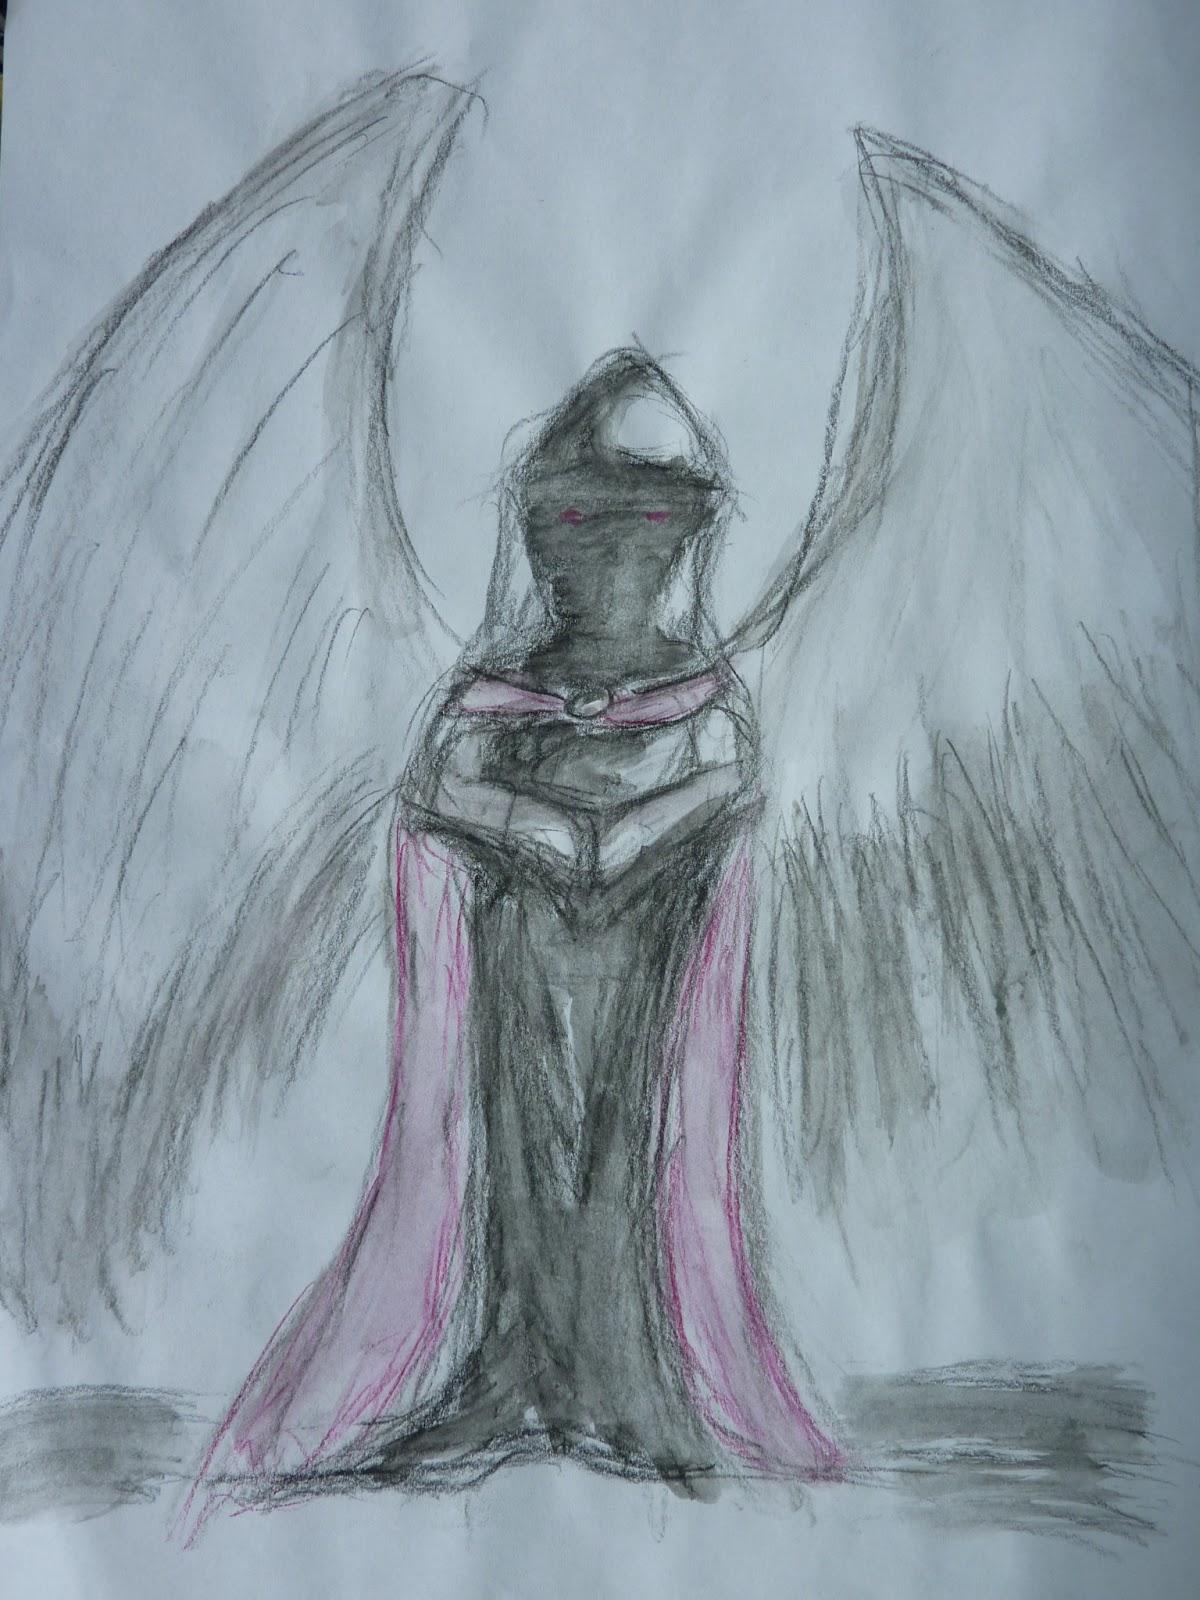 http://2.bp.blogspot.com/-EZyGSIXNCqU/UXj4DBawXFI/AAAAAAAAAXc/aVrGB6HzPJ8/s1600/P1200677.JPG